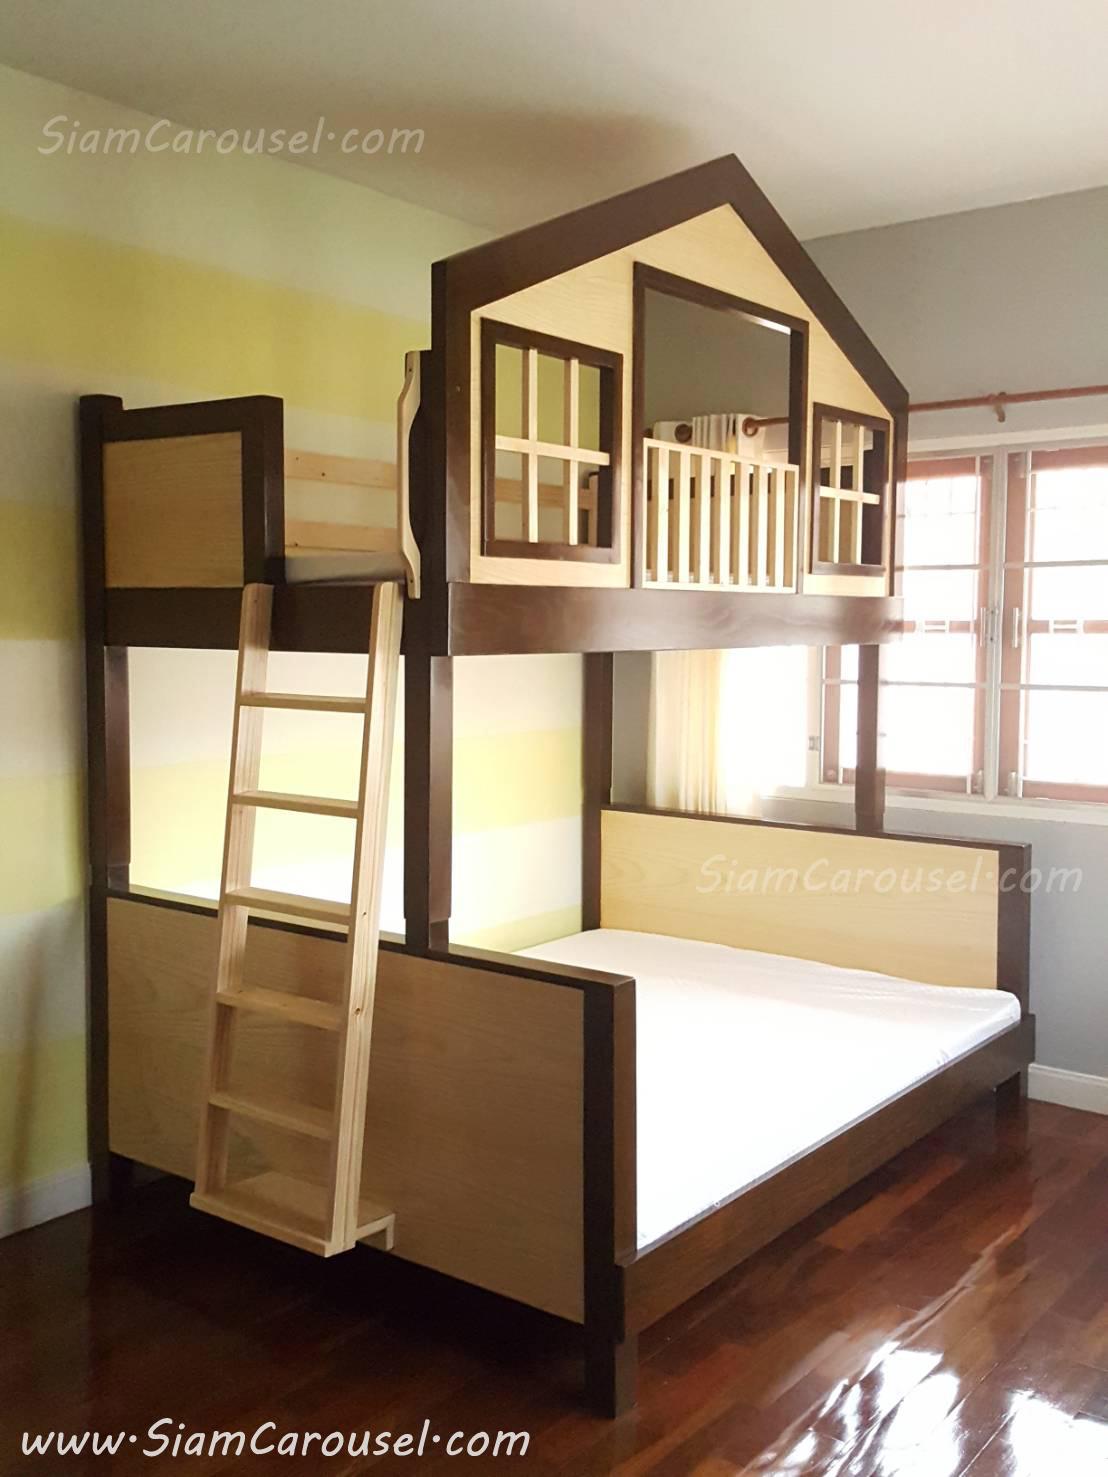 เตียง 2 ชั้น Display ทรงบ้านหน้าจั่ว